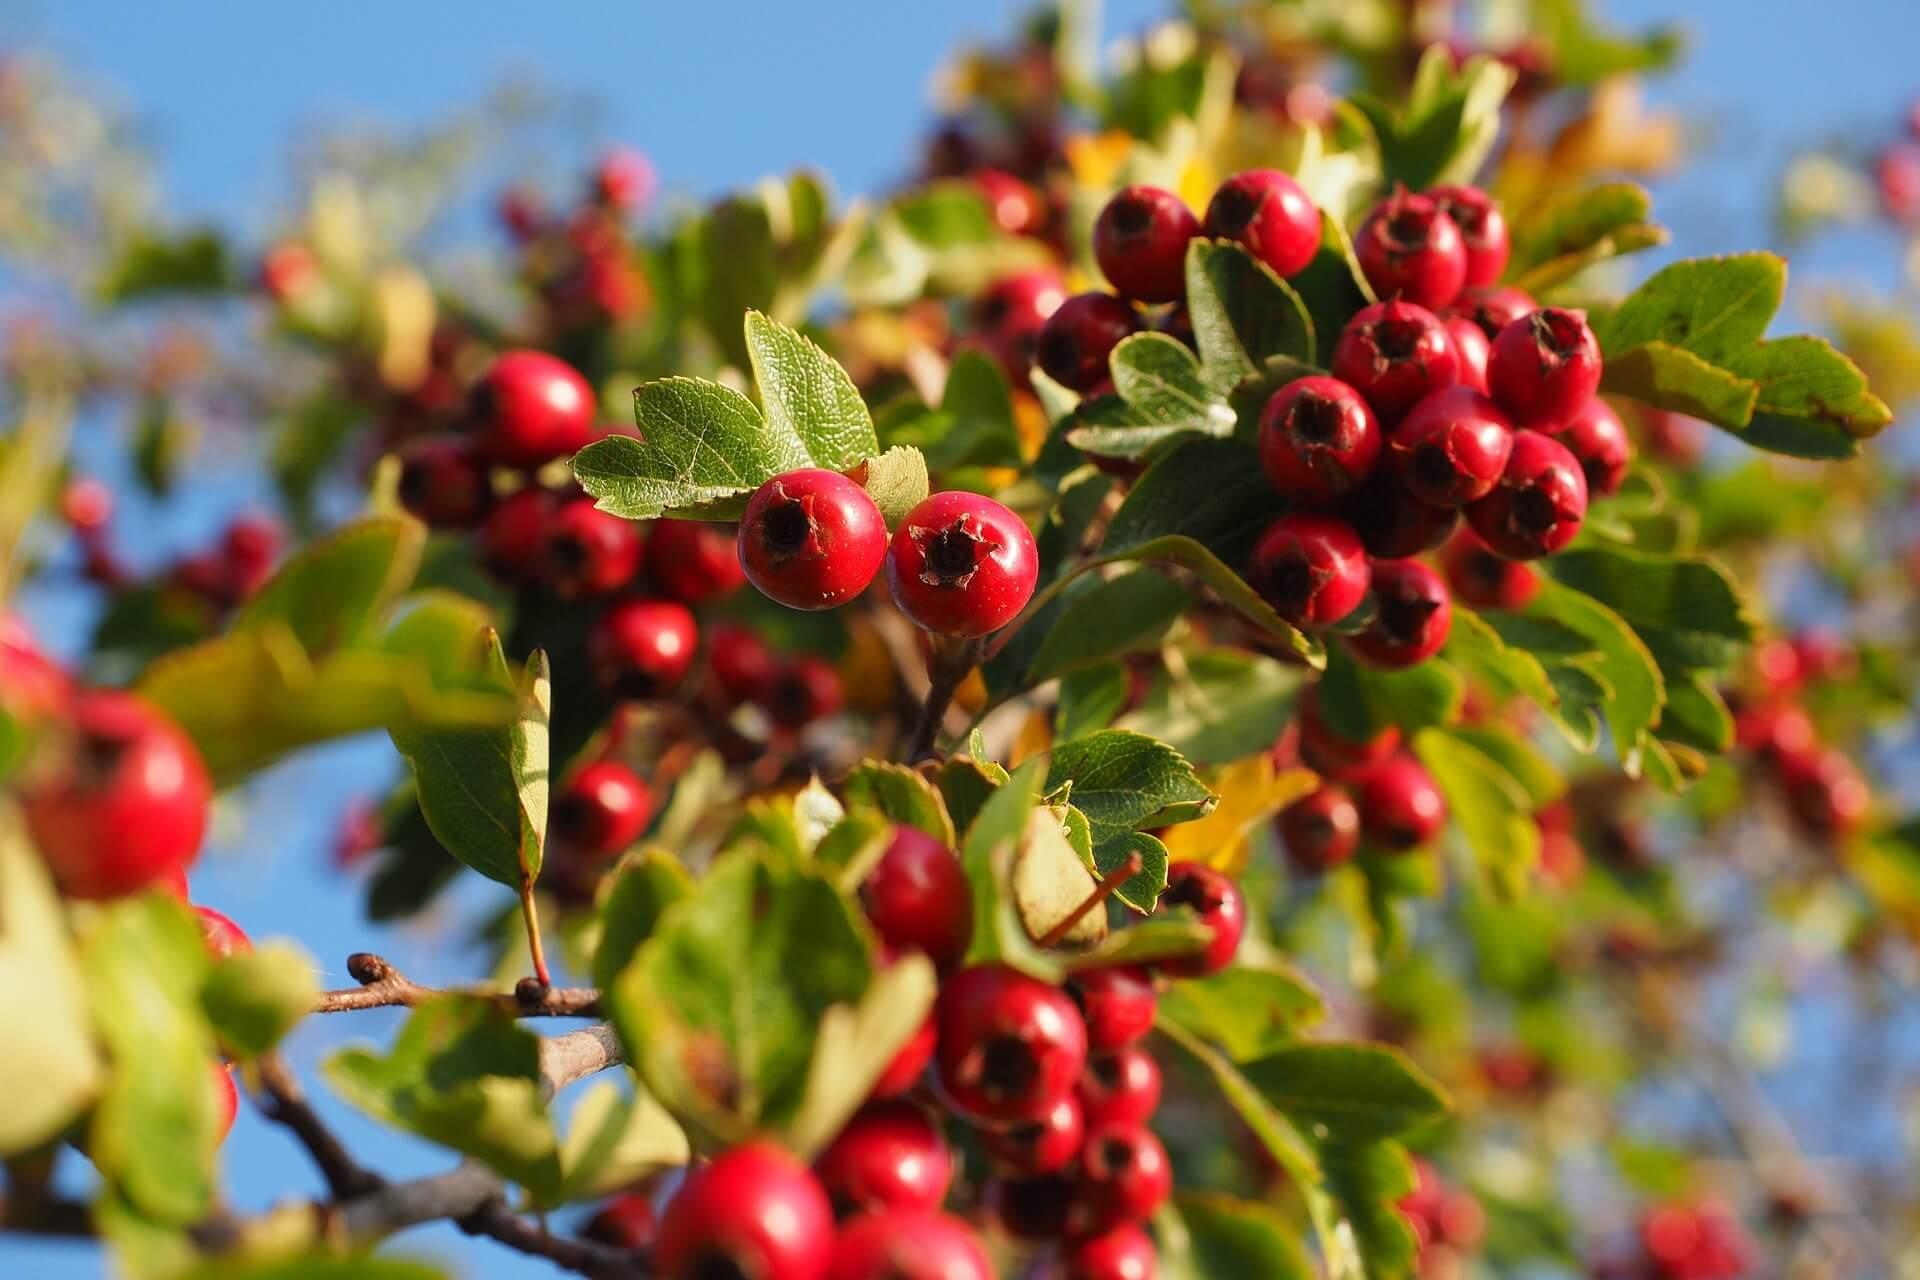 Biljka glog s plodovima i listovima